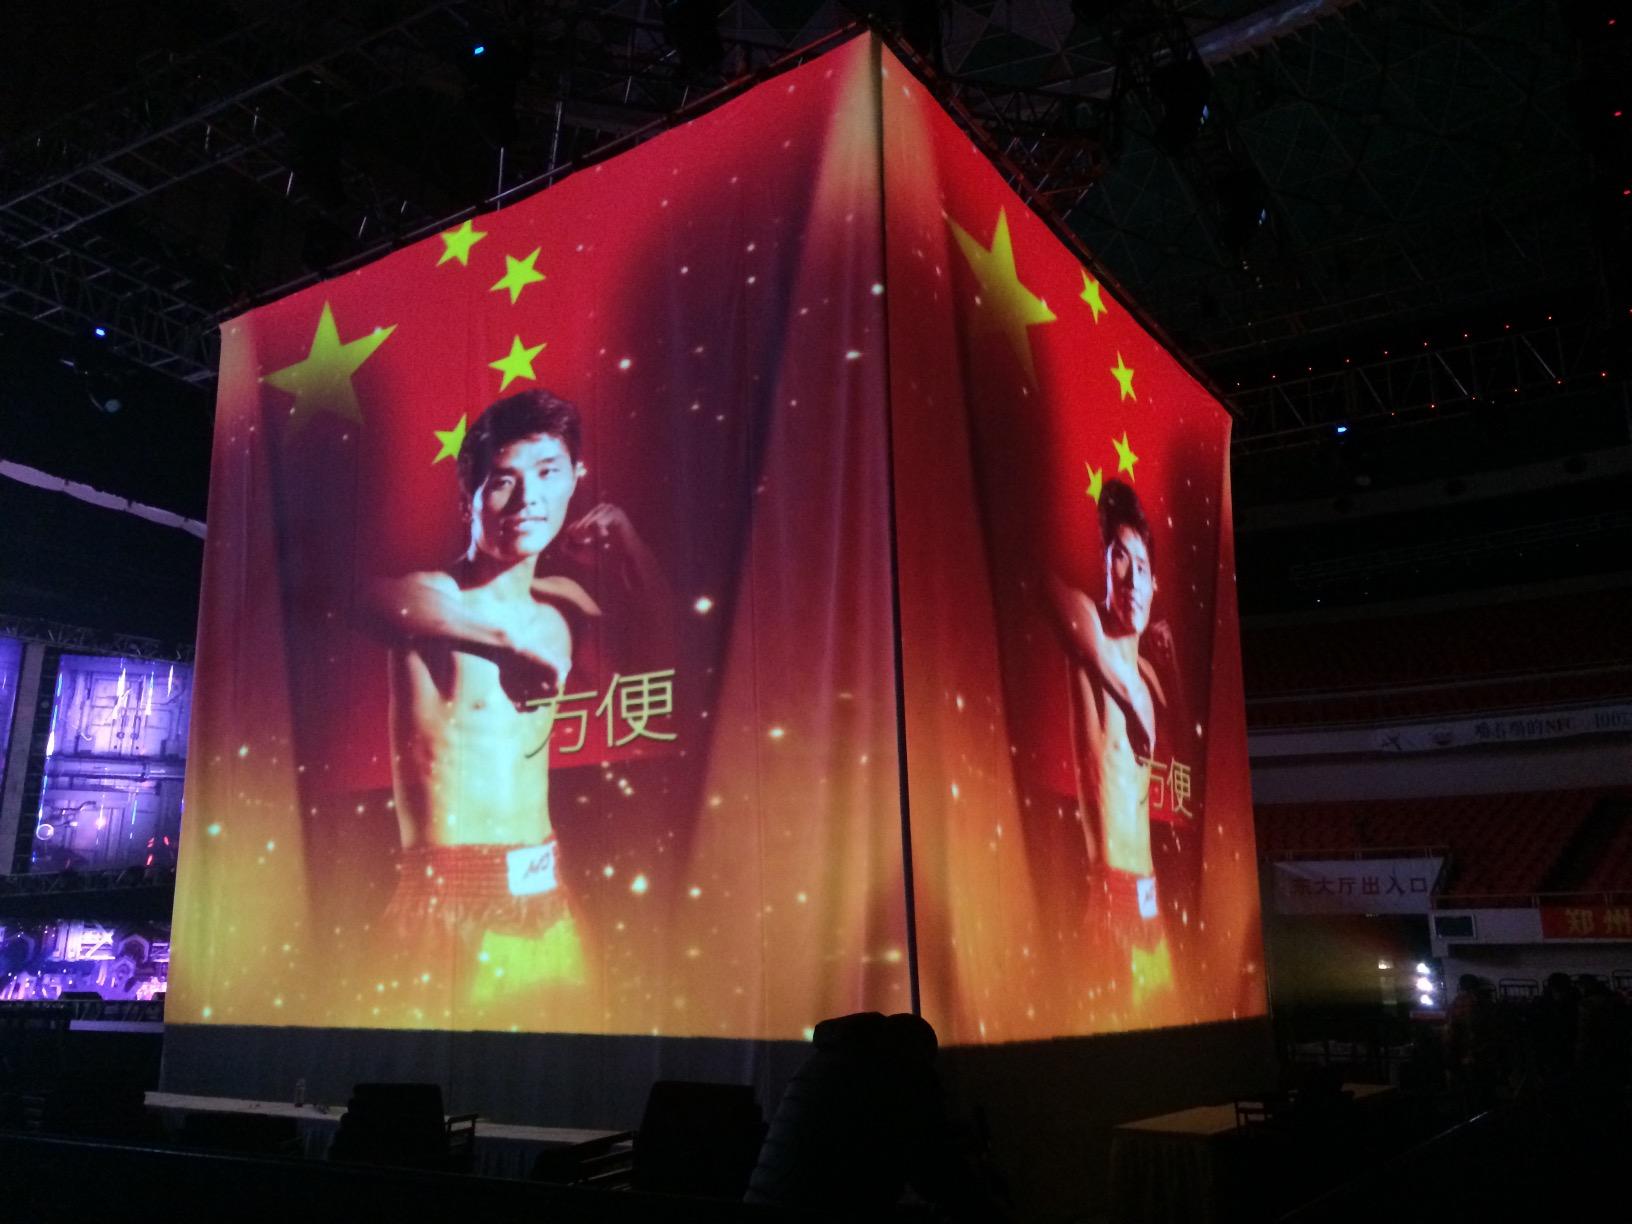 北京舞台幕布厂家供应麻绒幕布 阻燃幕布20822072